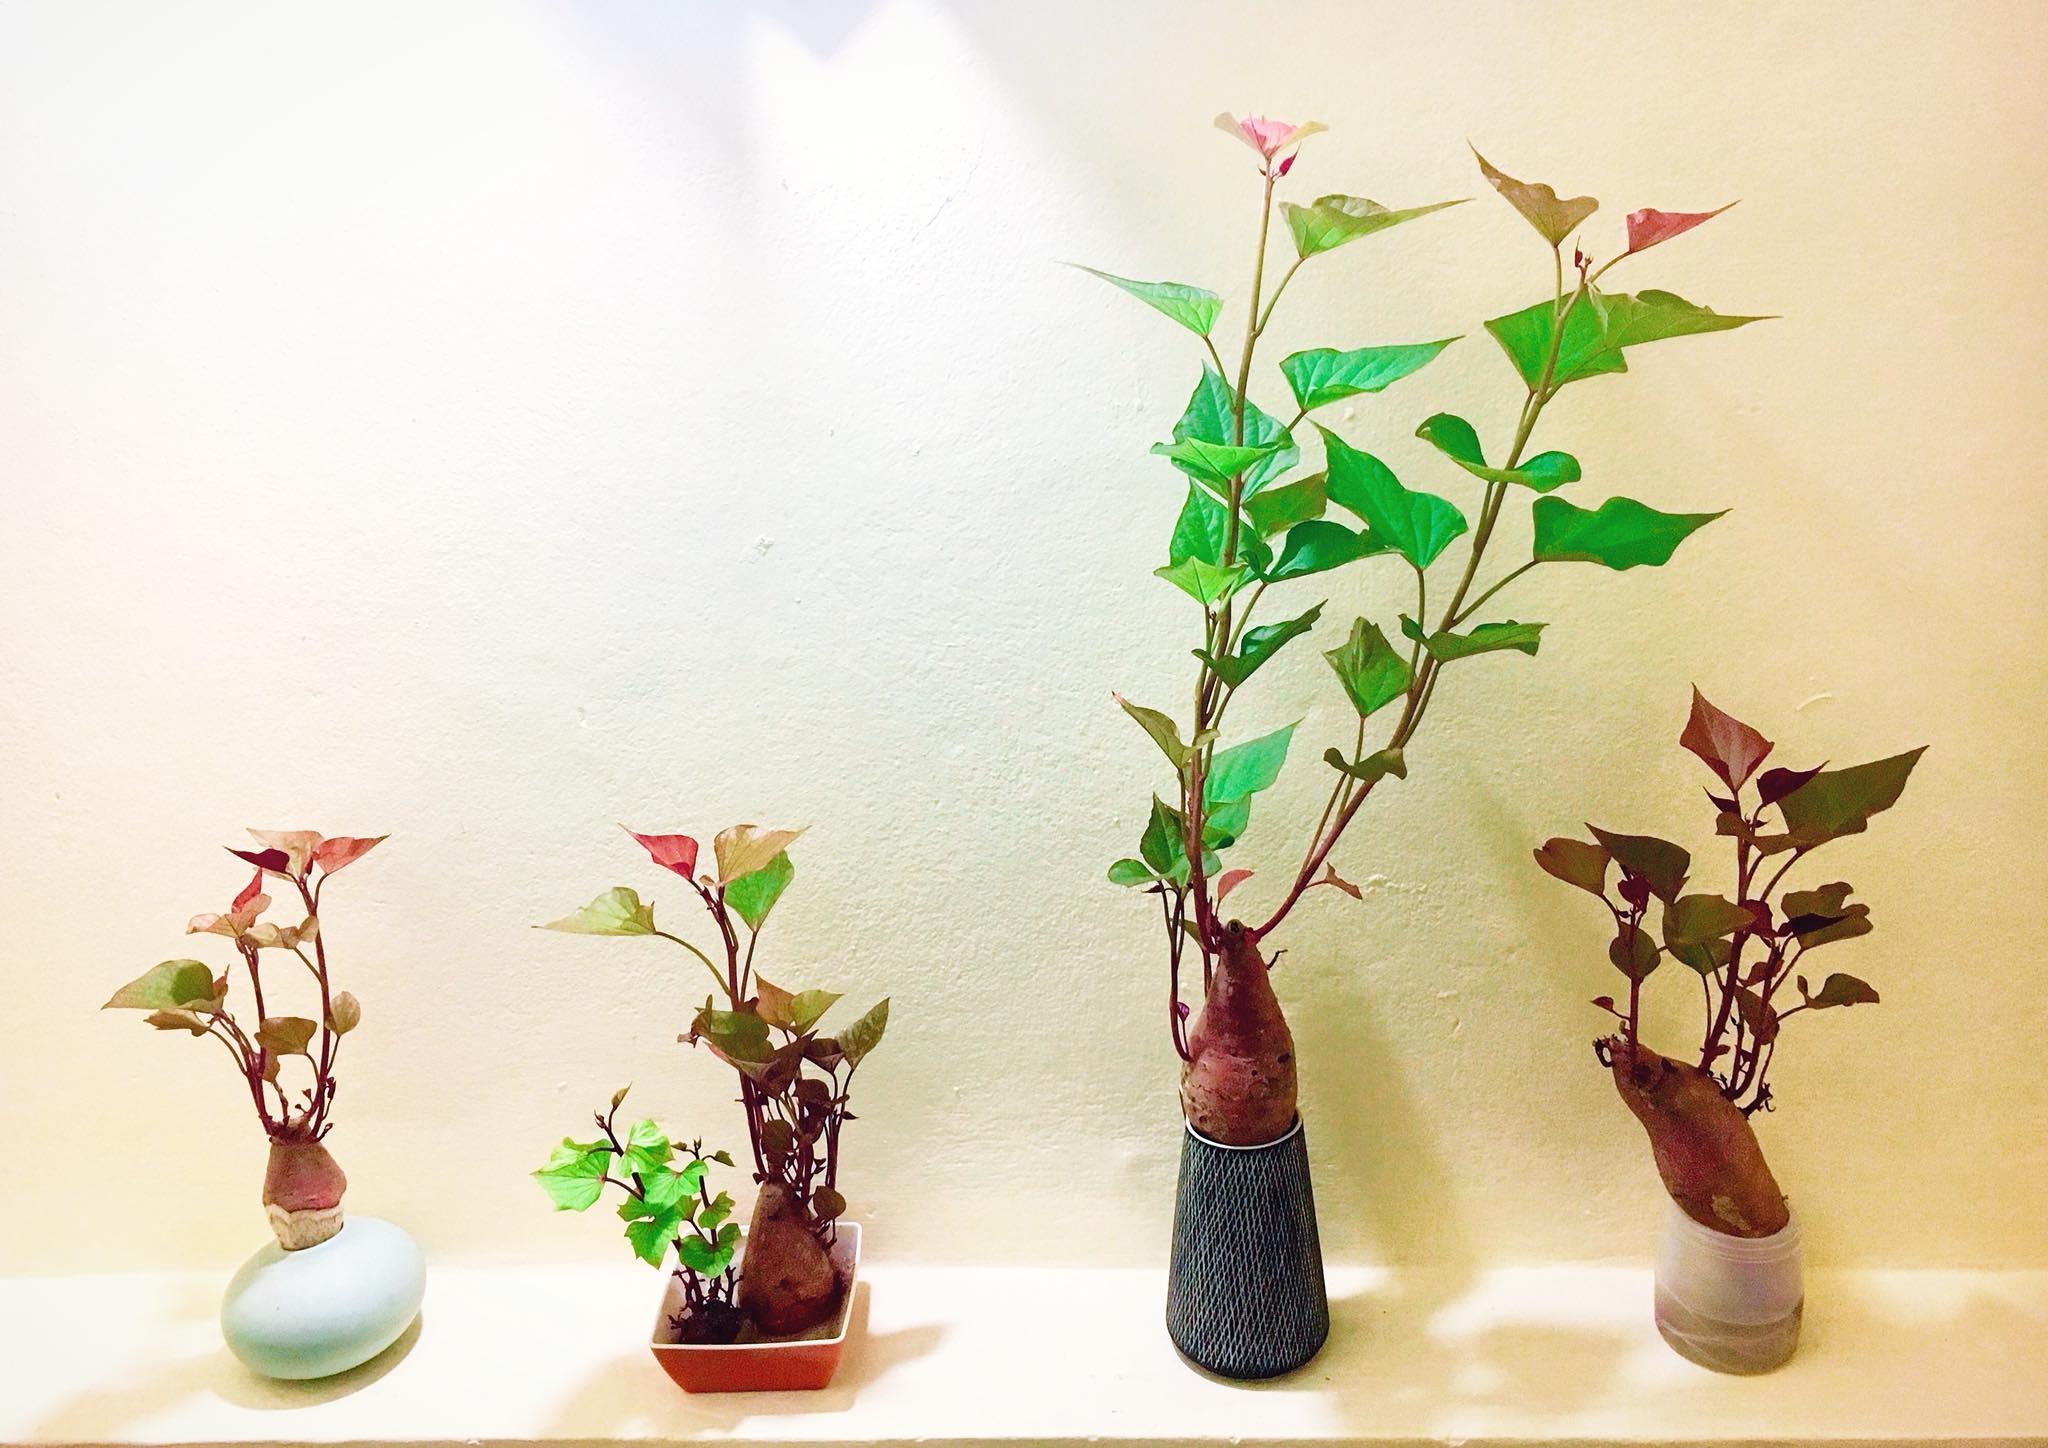 Trồng khoai lang bonsai làm đẹp nhà với các bước dễ vô cùng mà nói ra ai cũng sẽ làm được - Ảnh 1.